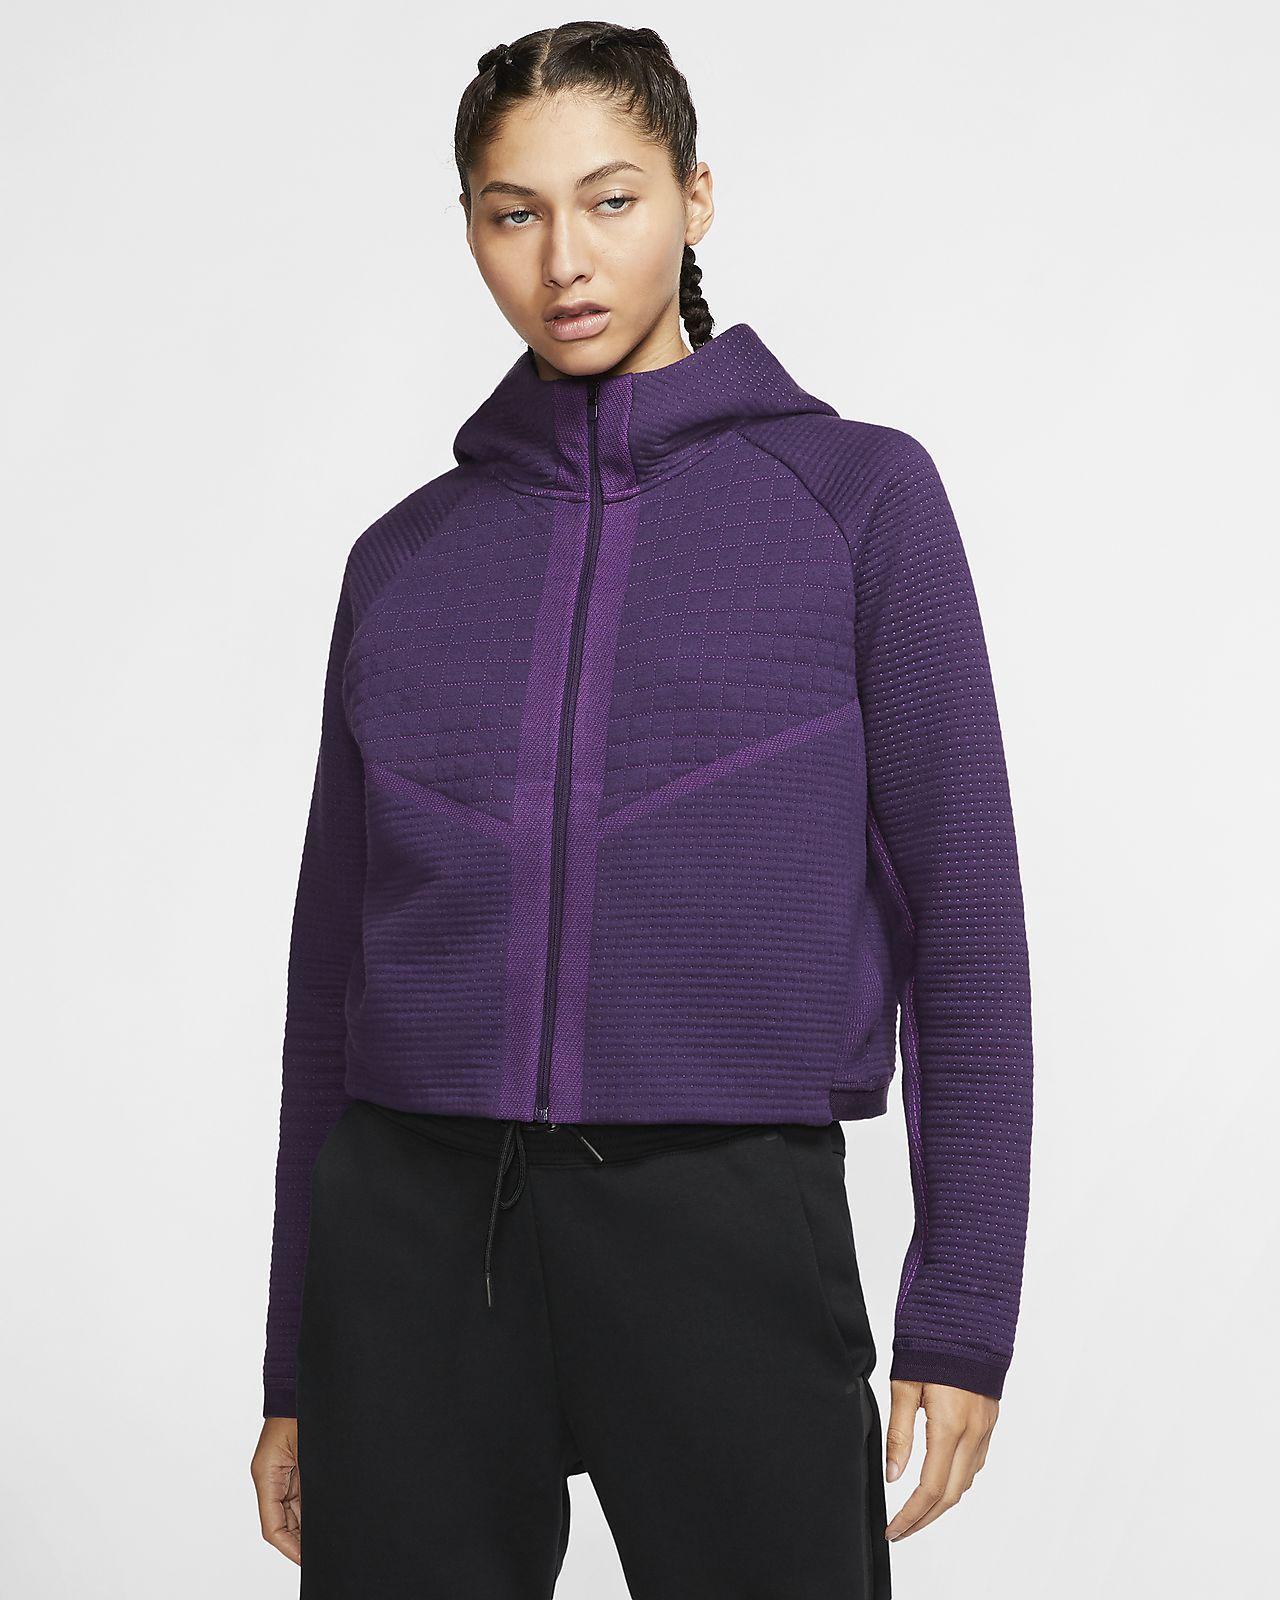 Damska dzianinowa kurtka z zamkiem na całej długości Nike Sportswear City Ready